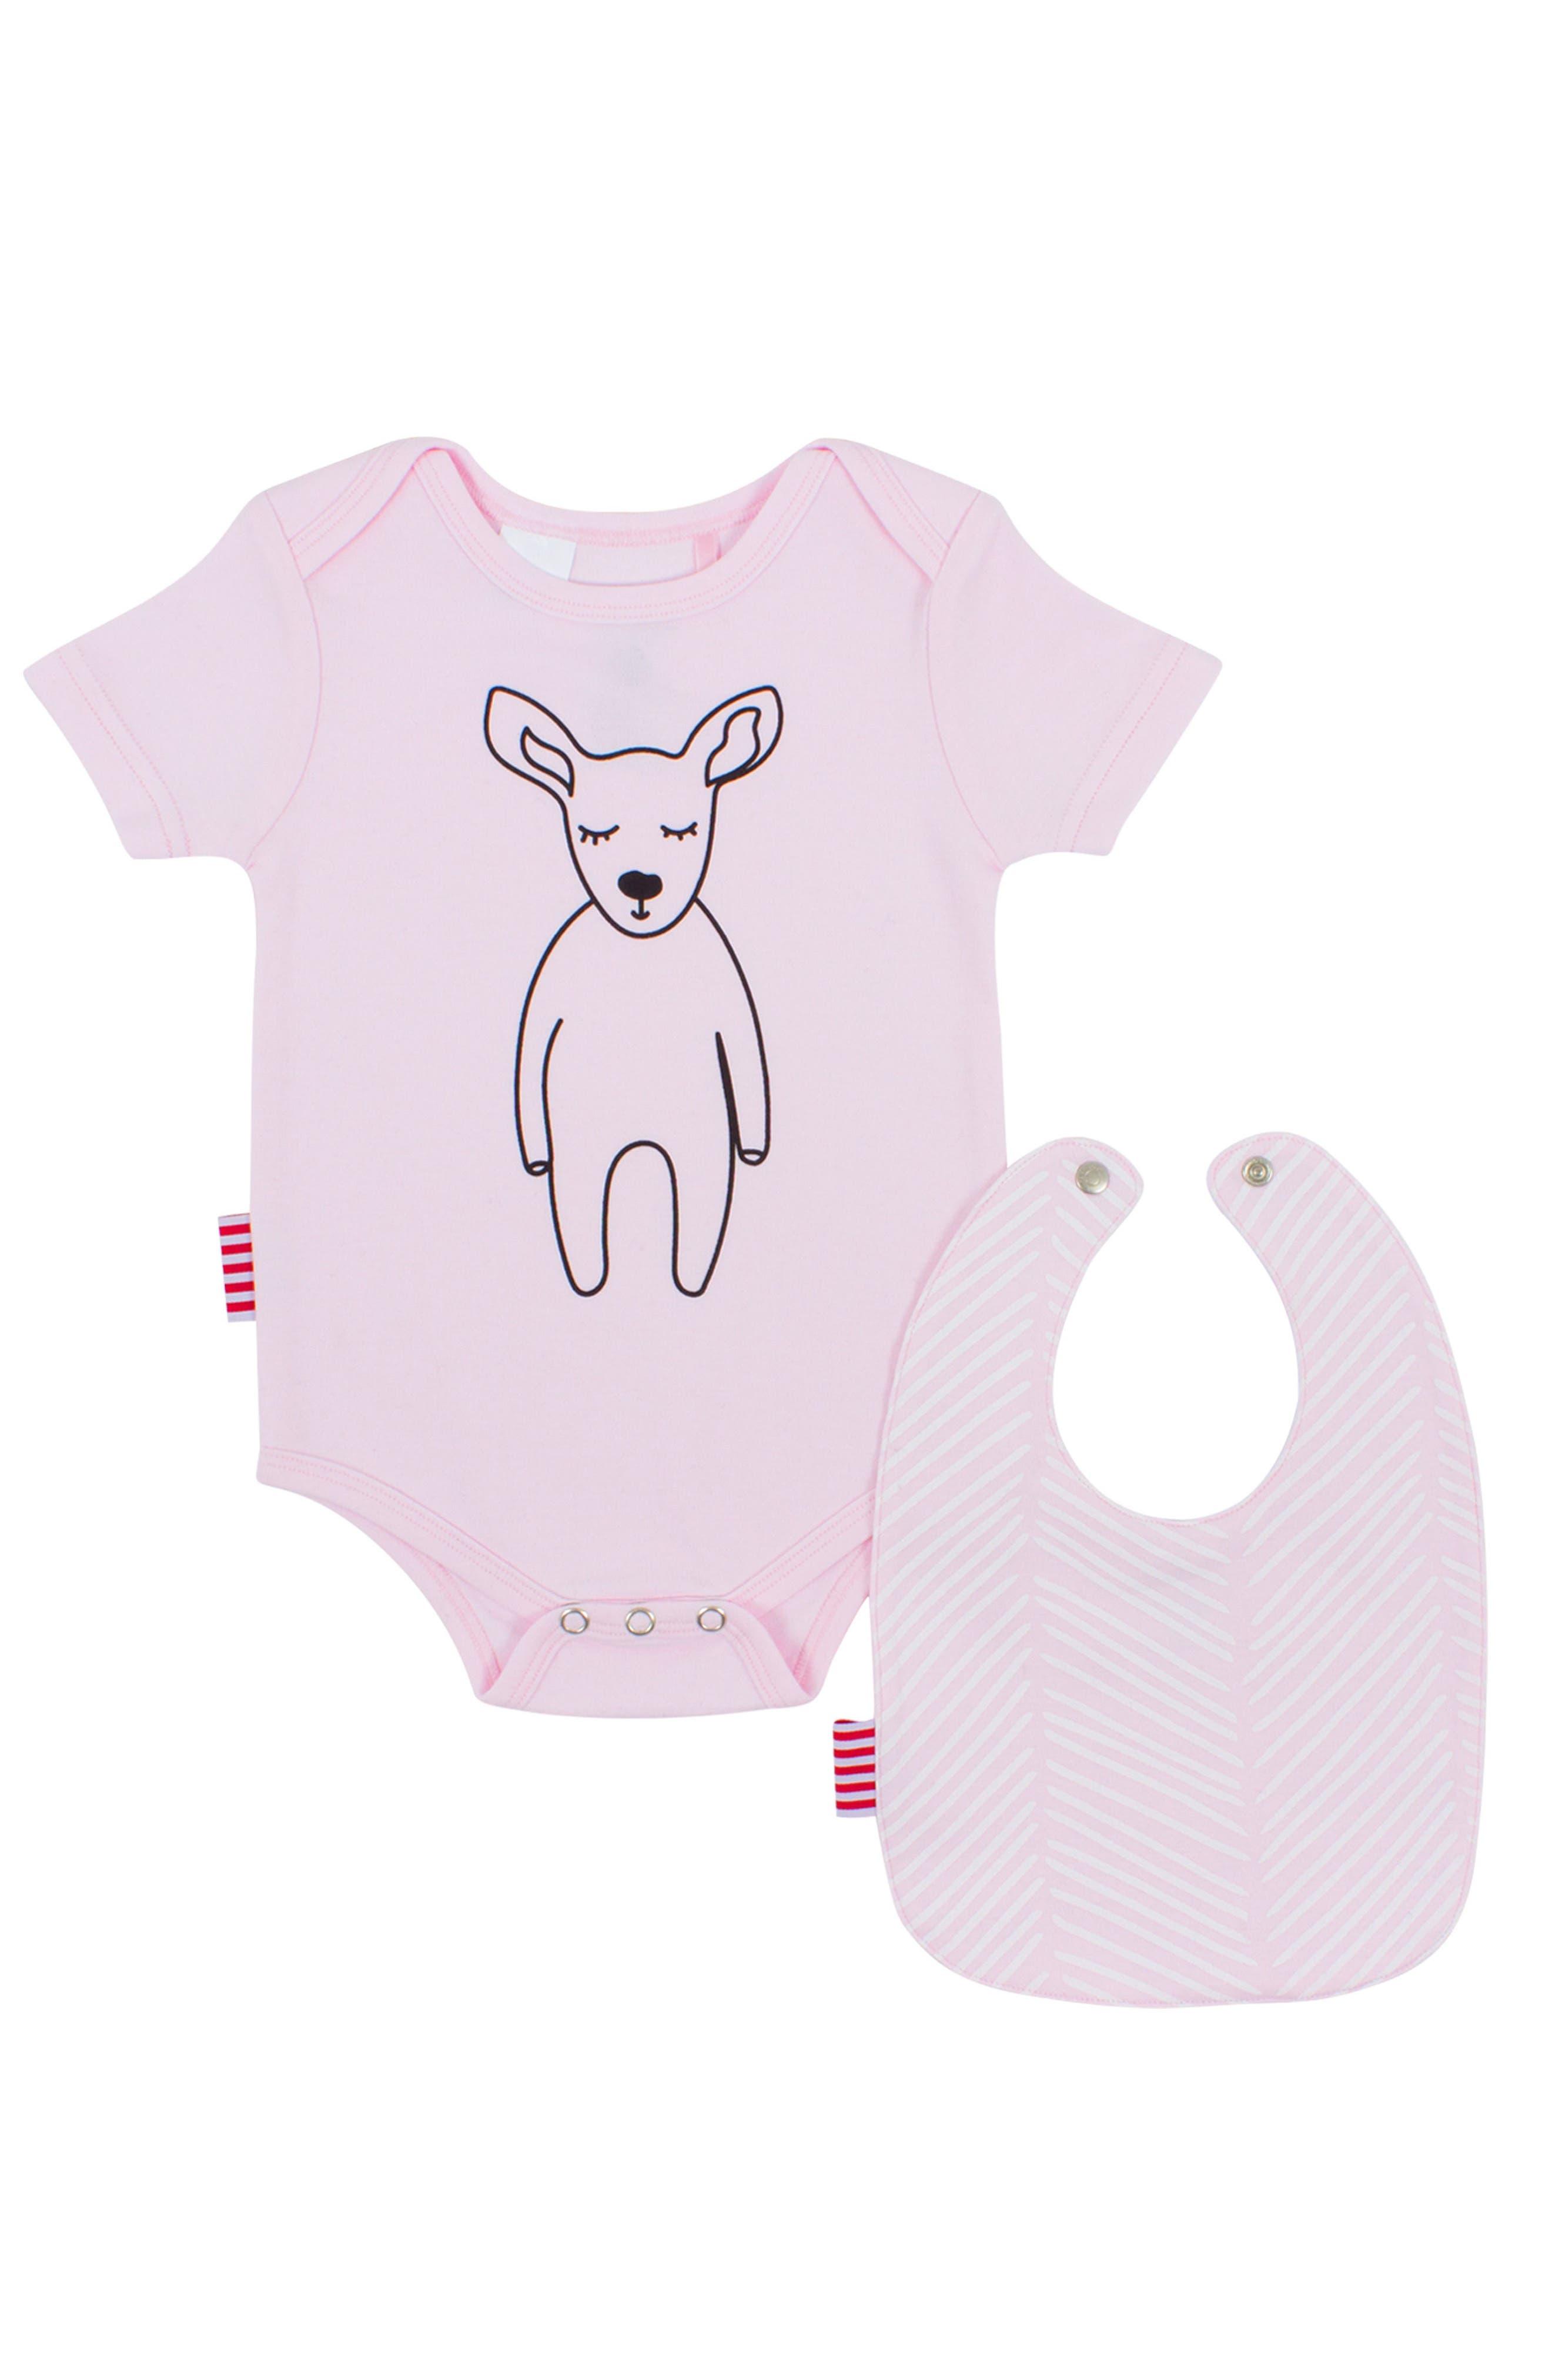 SOOKIbaby Kangaroo Bodysuit & Bib Set (Baby Girls)